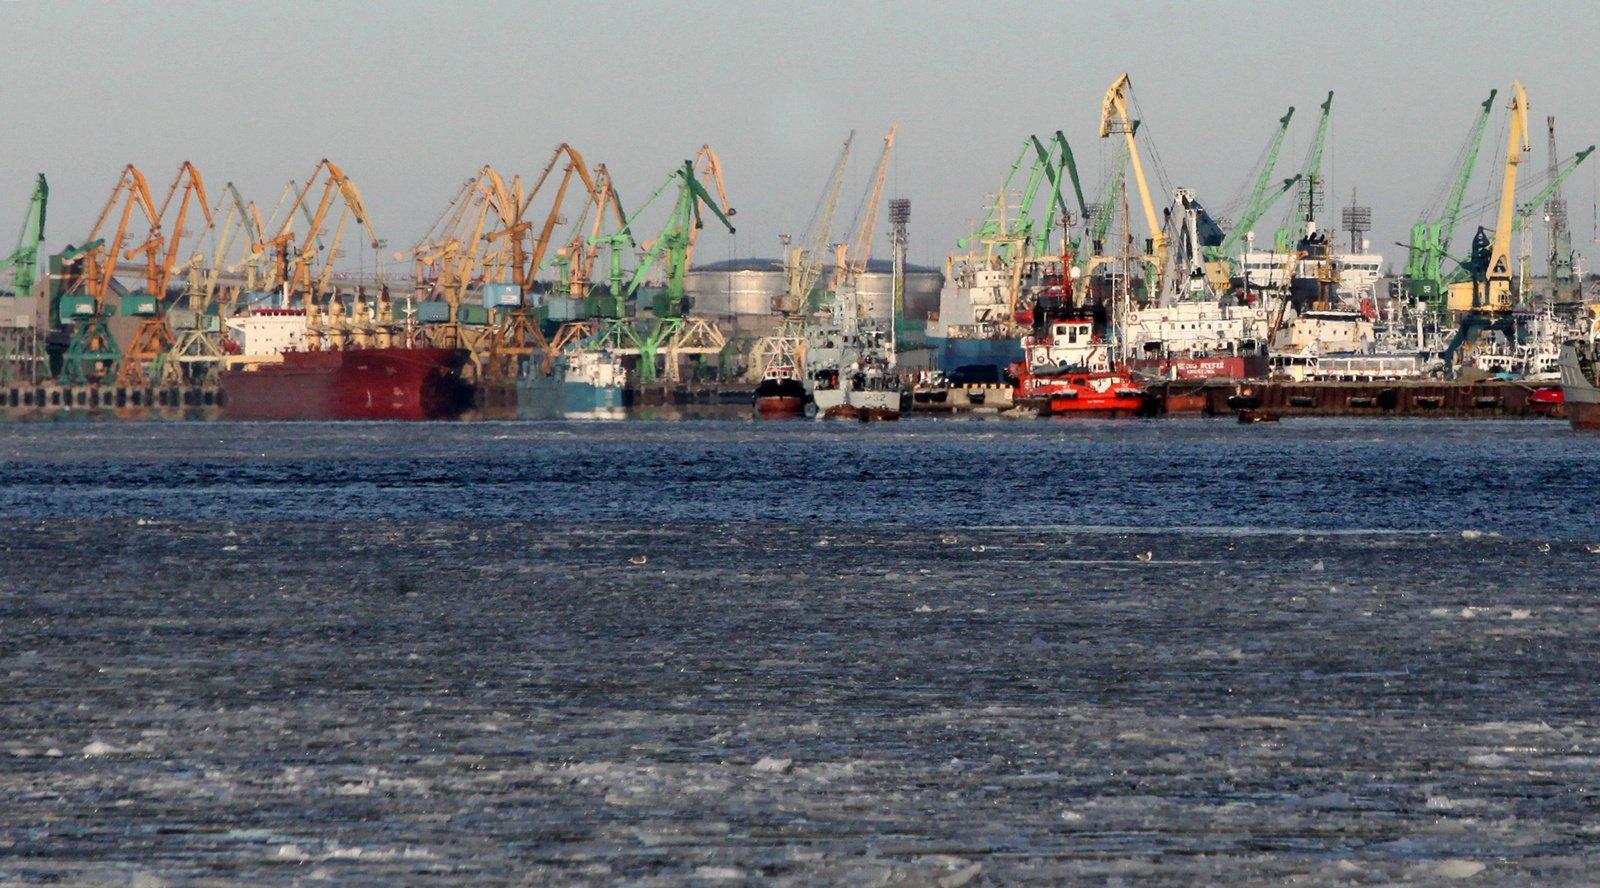 Po pratybų NATO priešmininių laivų grupė prisišvartuos Klaipėdoje